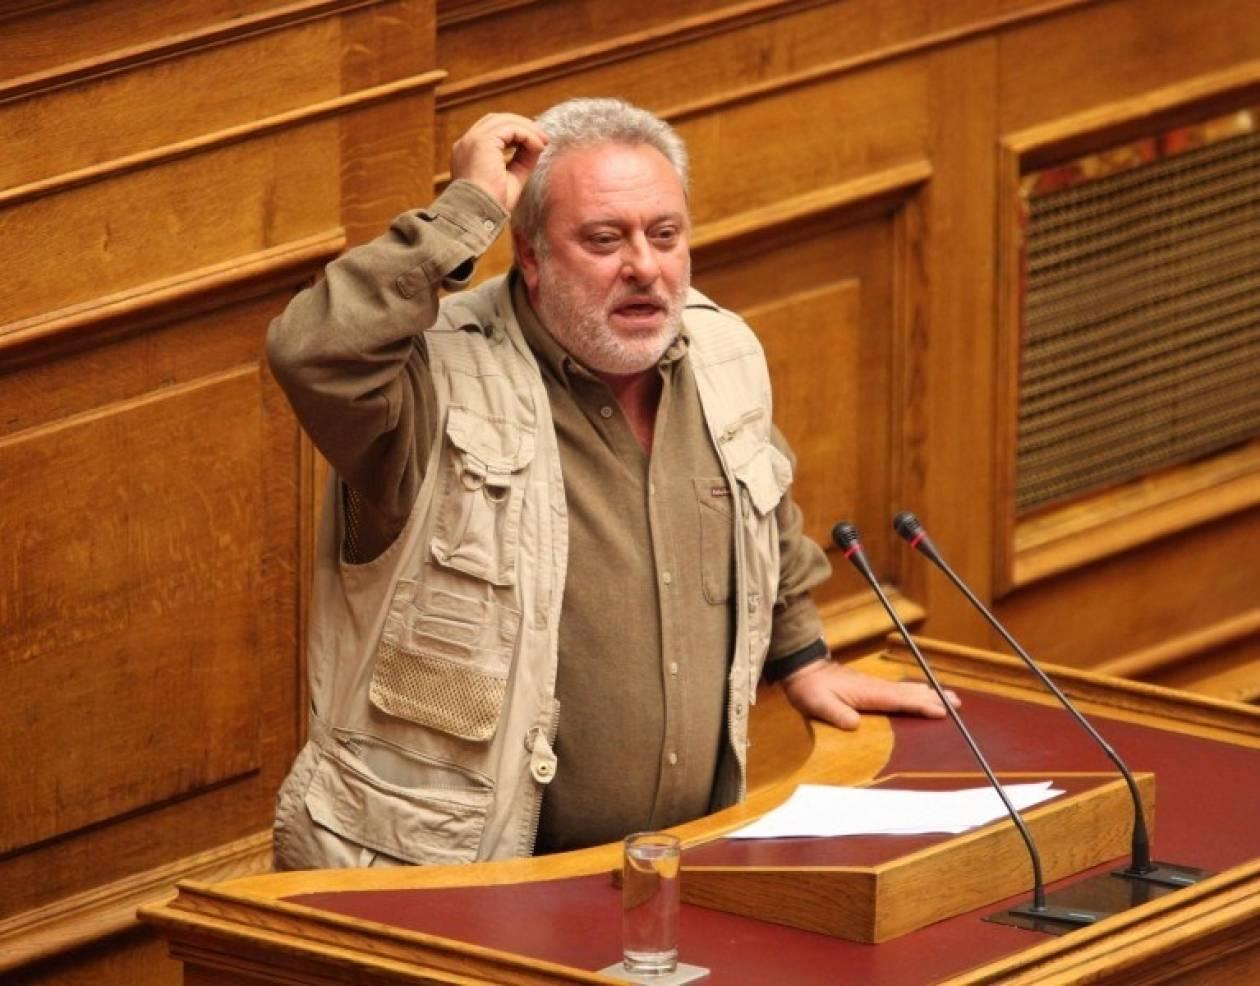 Ψαριανός: Θα είμαι υποψήφιος ευρωβουλευτής με τη ΔΗΜΑΡ